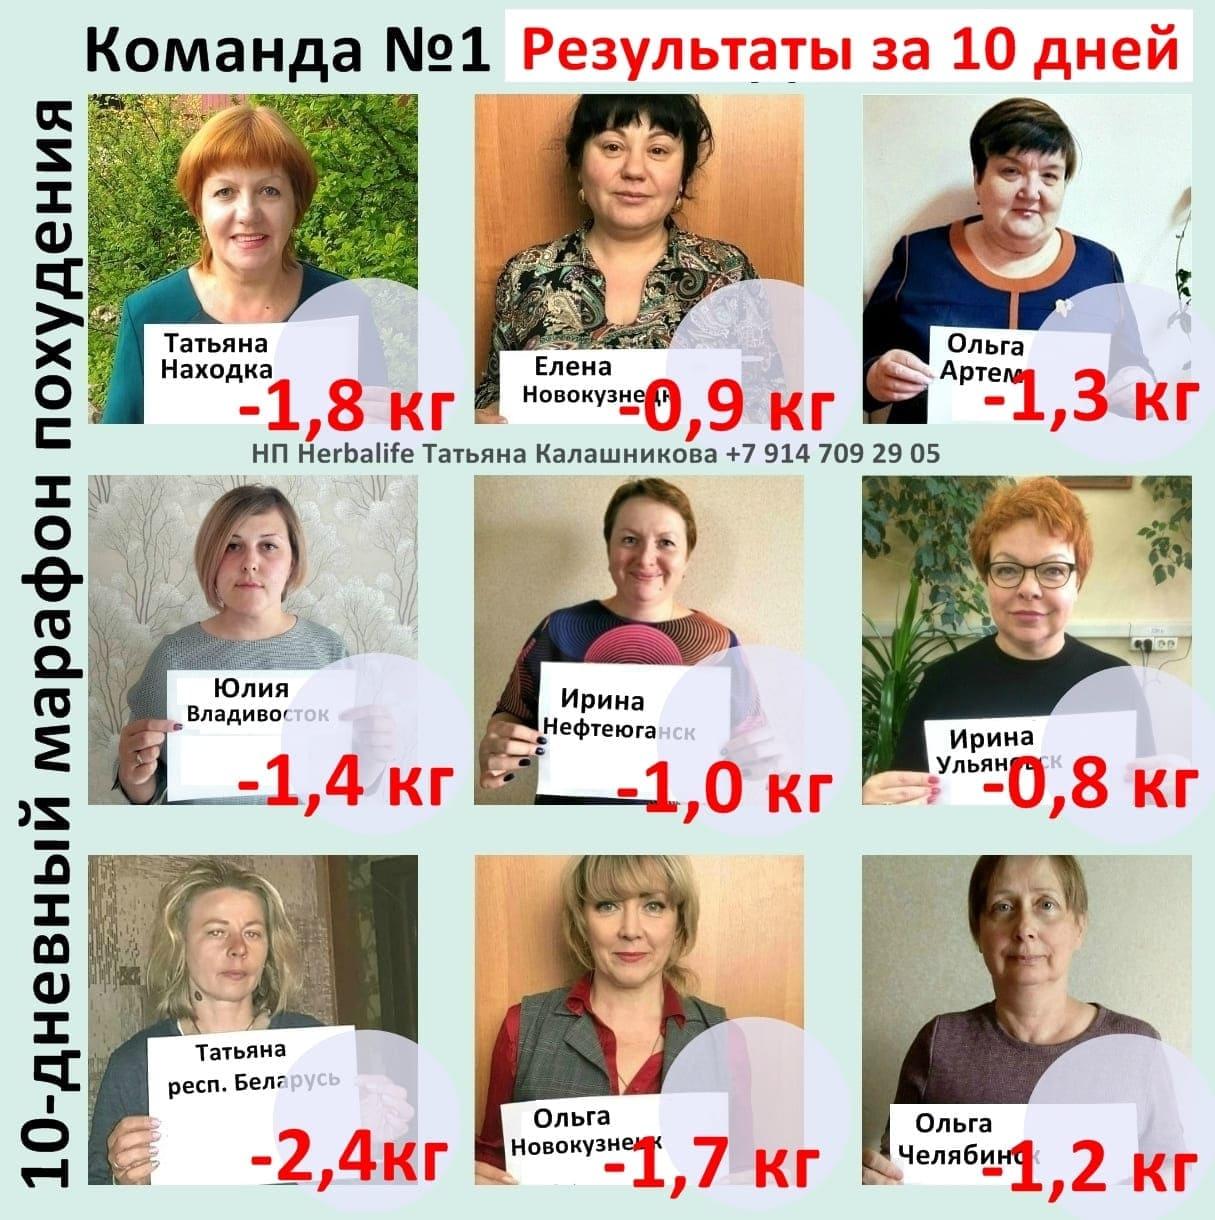 Результат марафона похудения за 10 дней